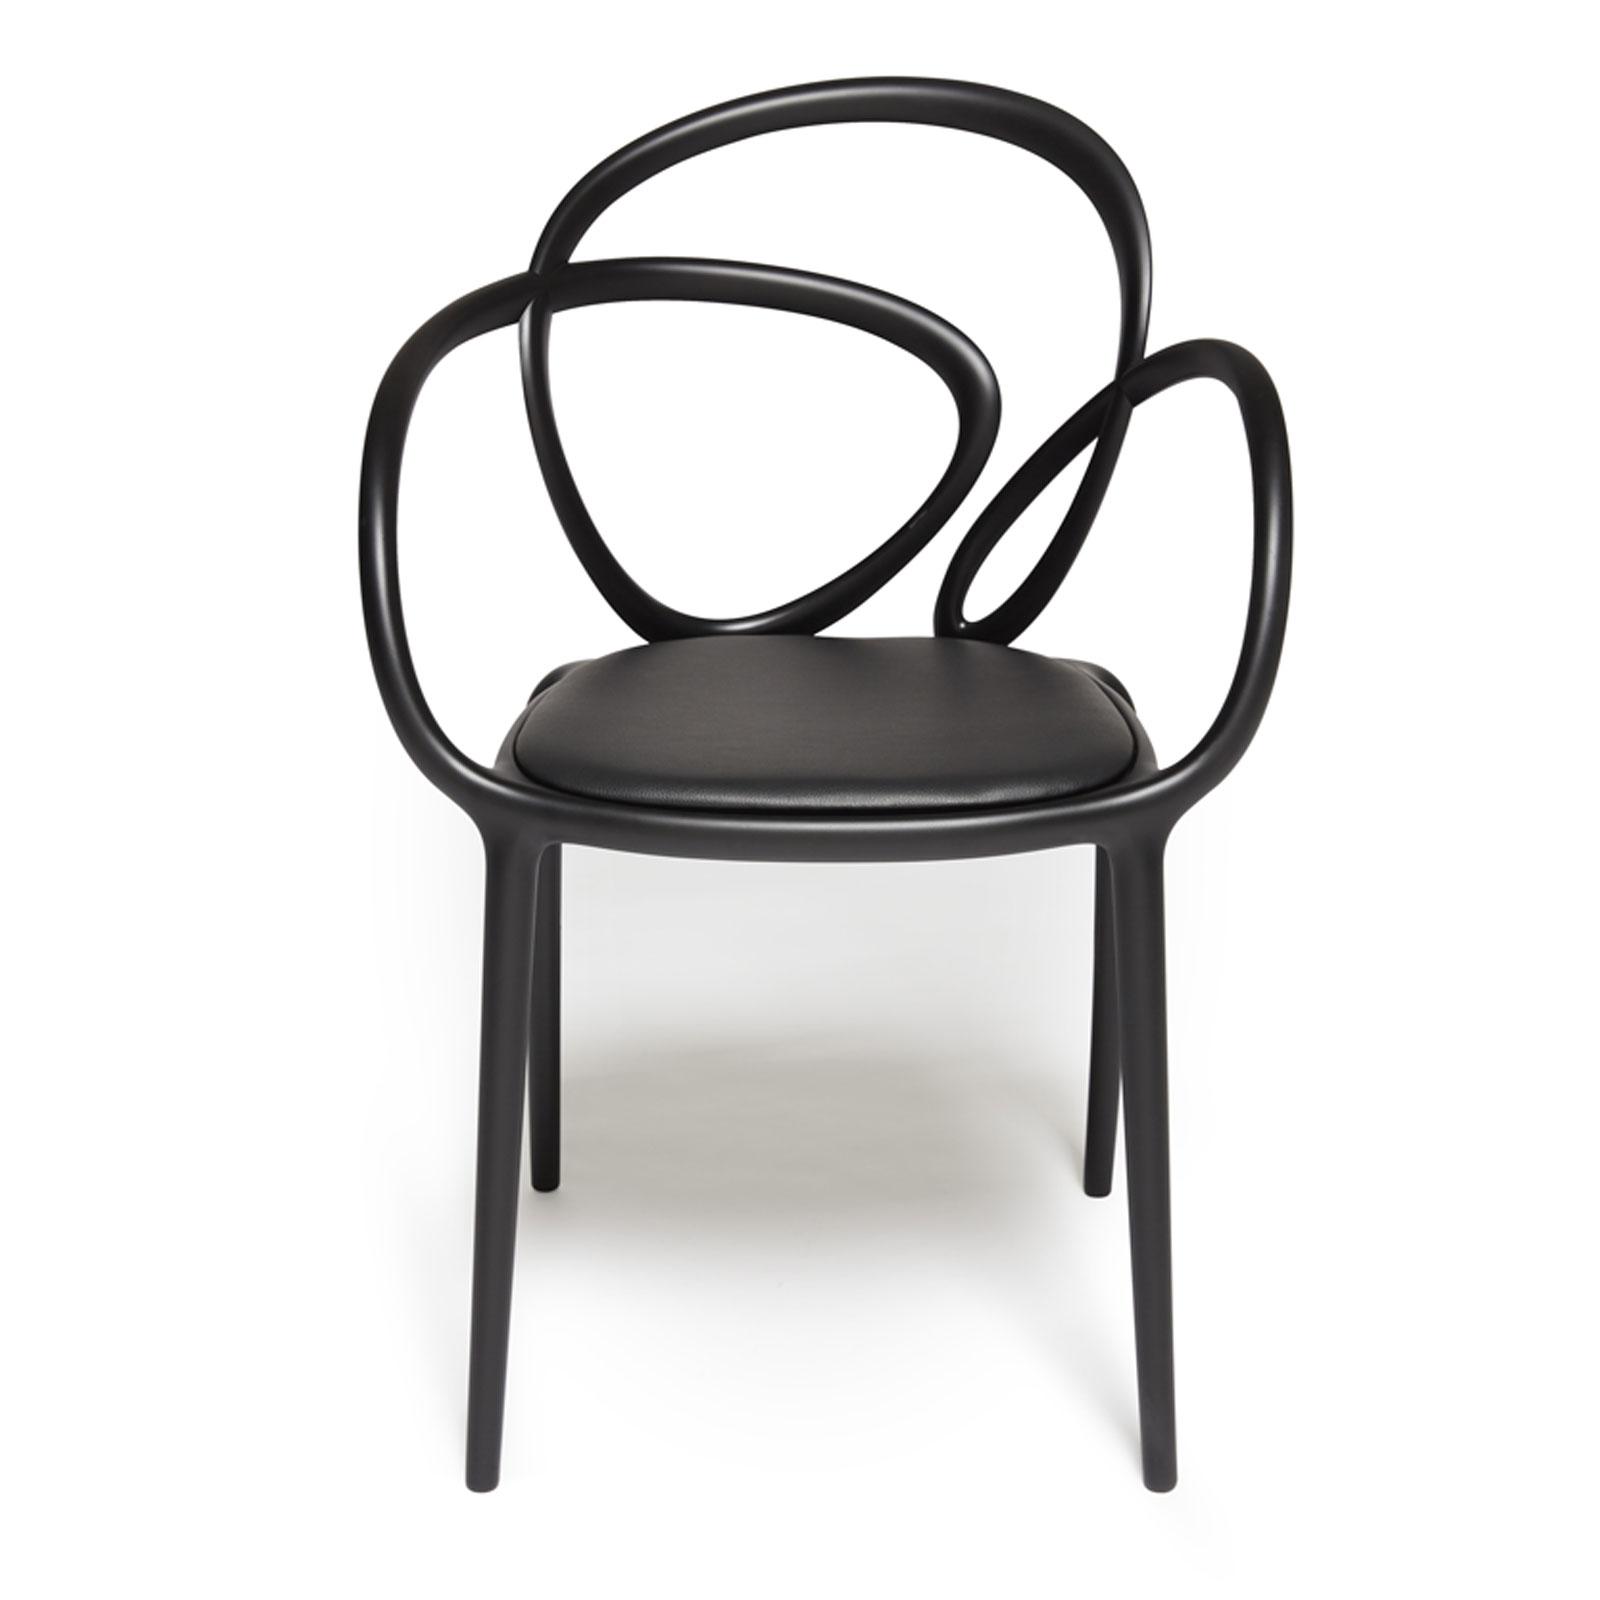 Qeeboo Loop-CHAIR Stuhl mit Kissen in verschiedenen Farben